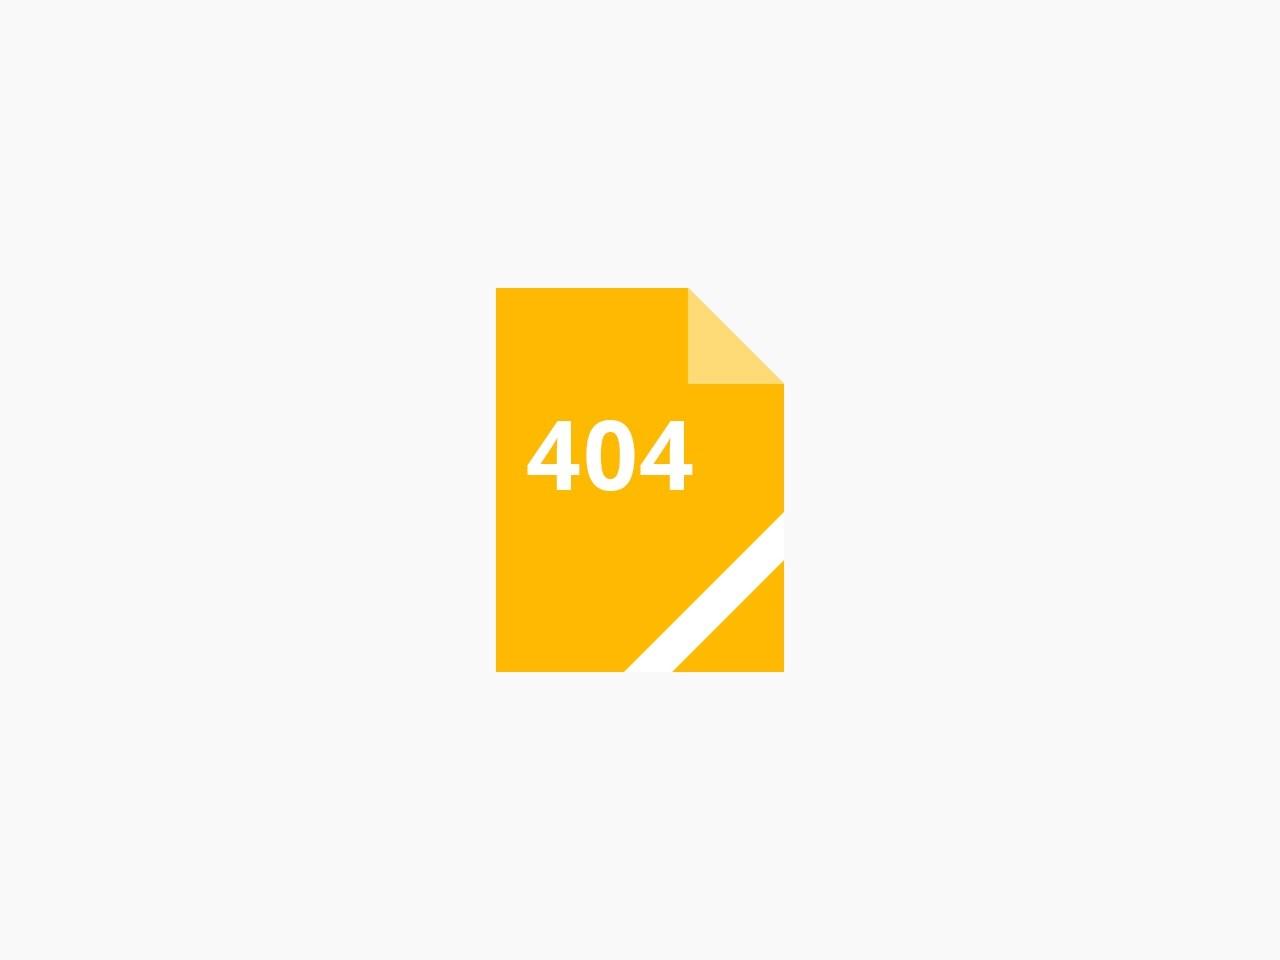 アプリ紹介記事用アイキャッチ画像の作り方 | NANOKAMO BLOG